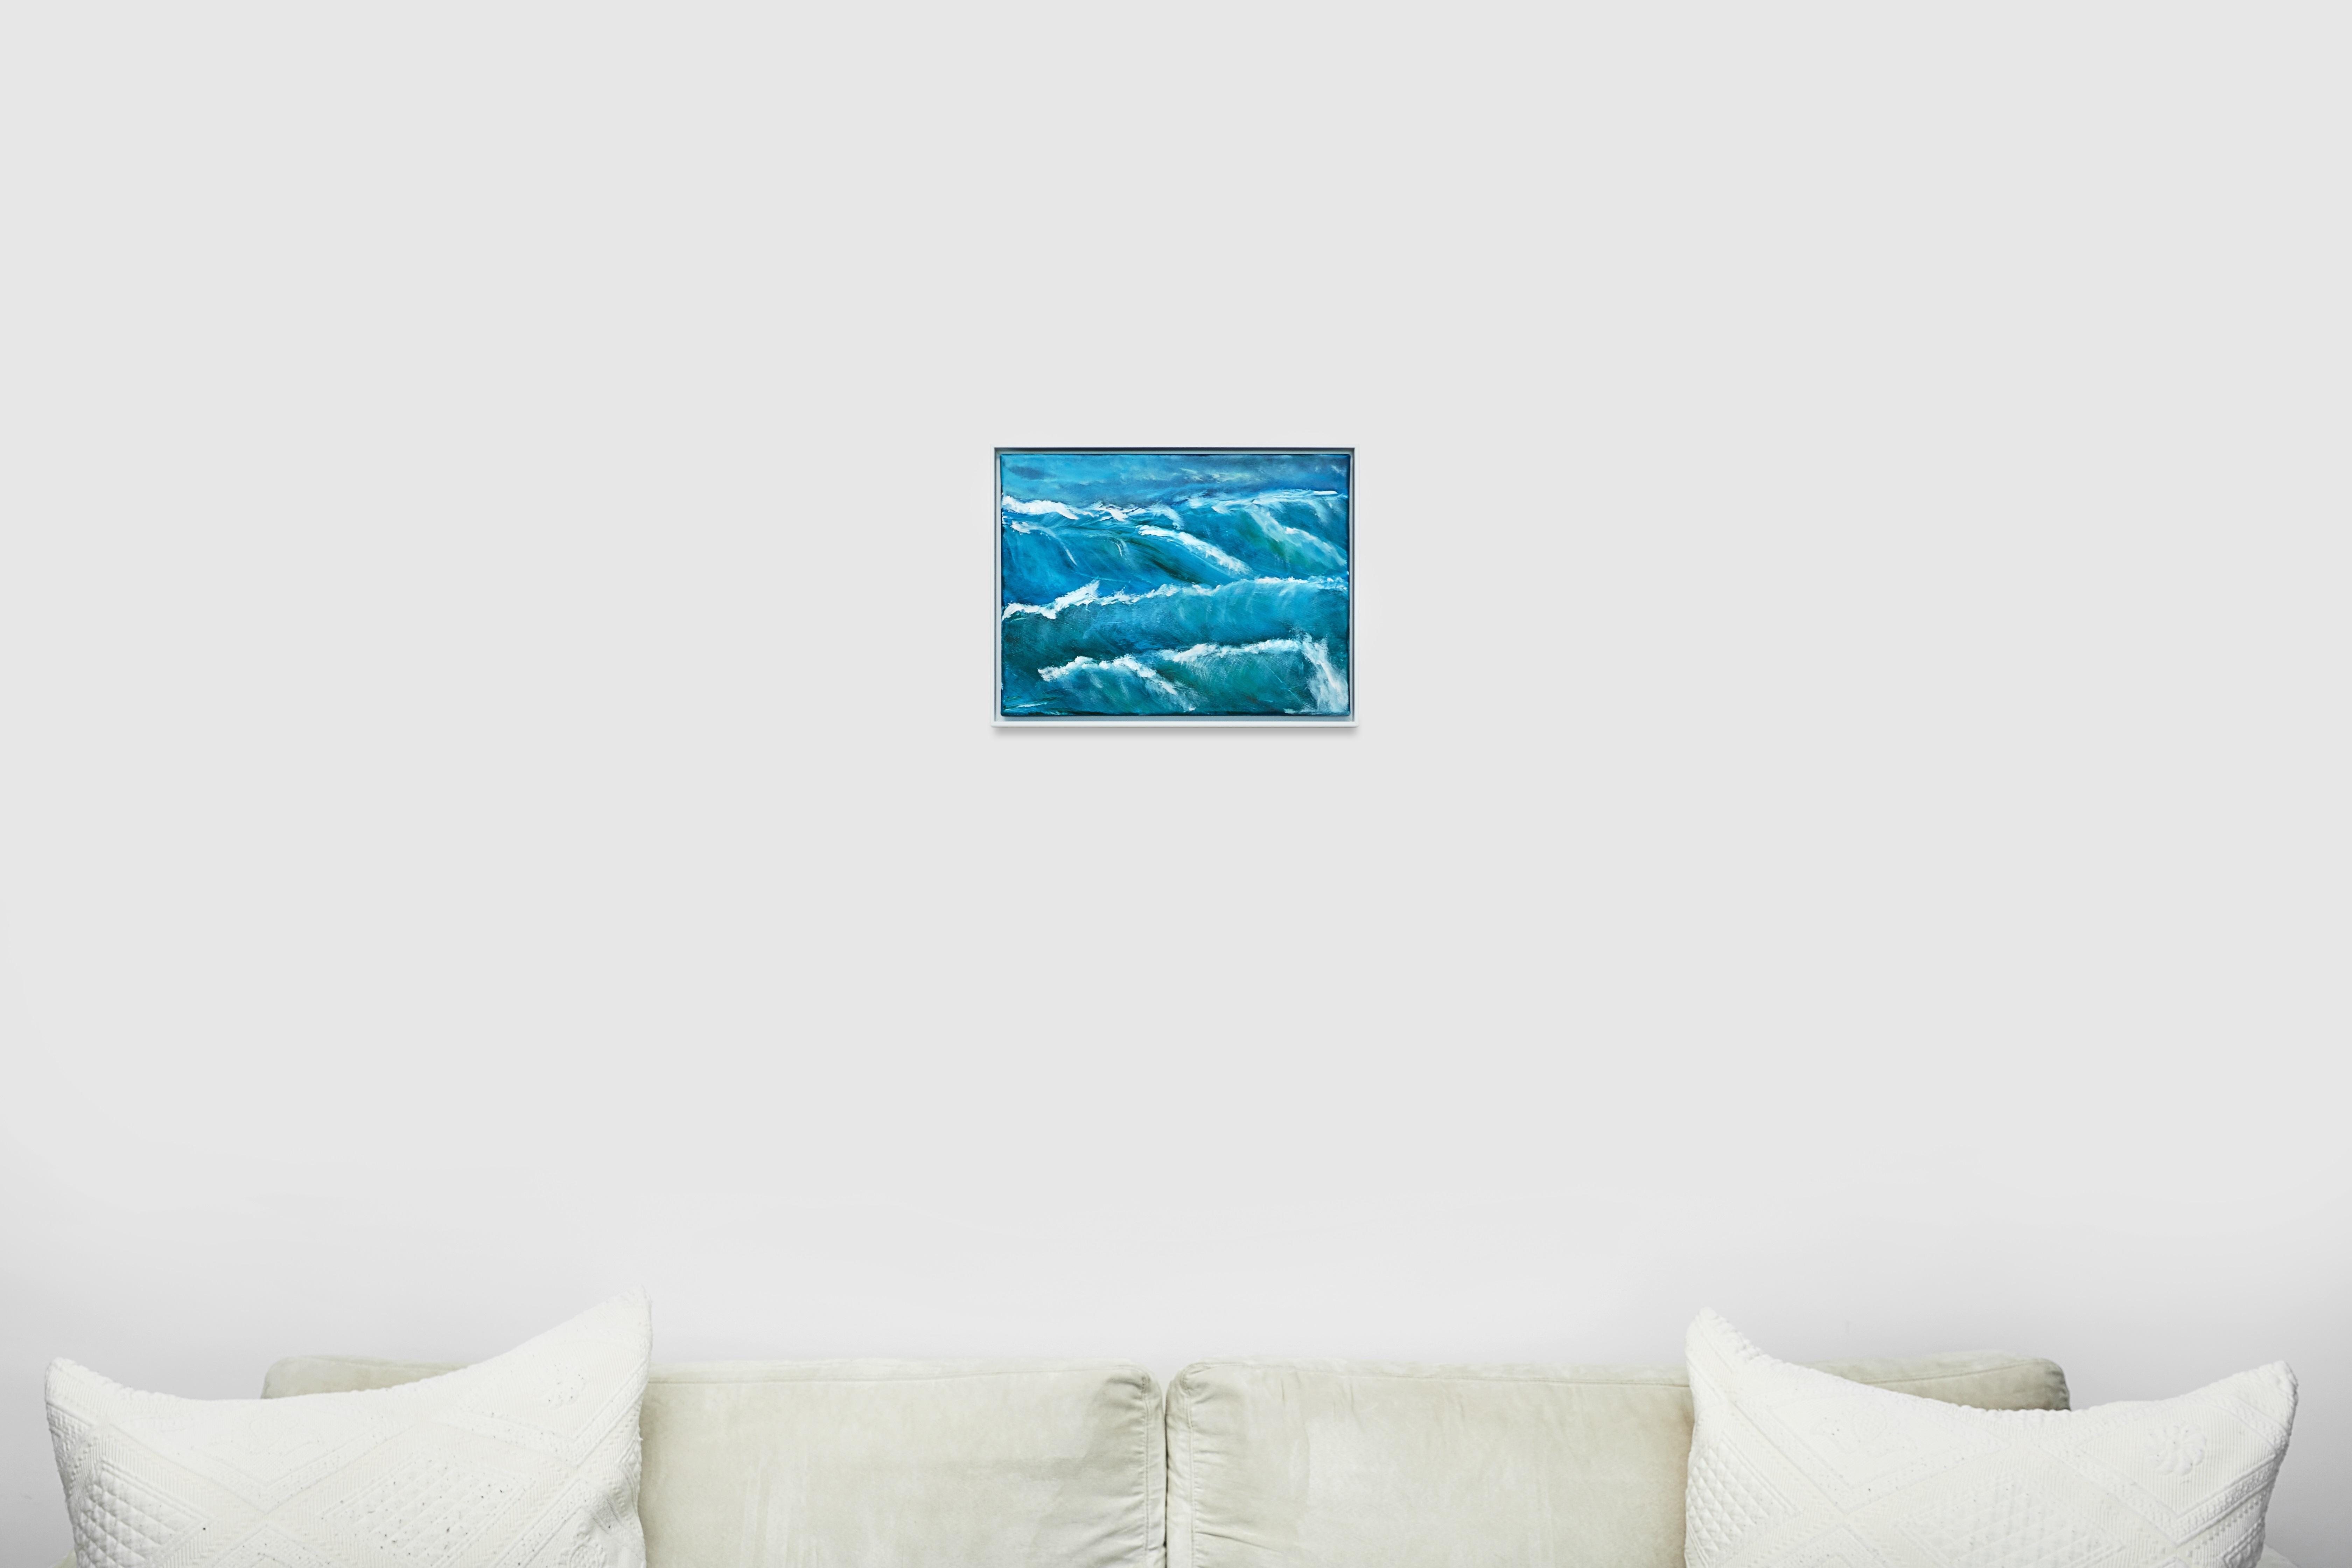 SoulArtist Kunstwerk Malerei Wasser Acrylmalerei